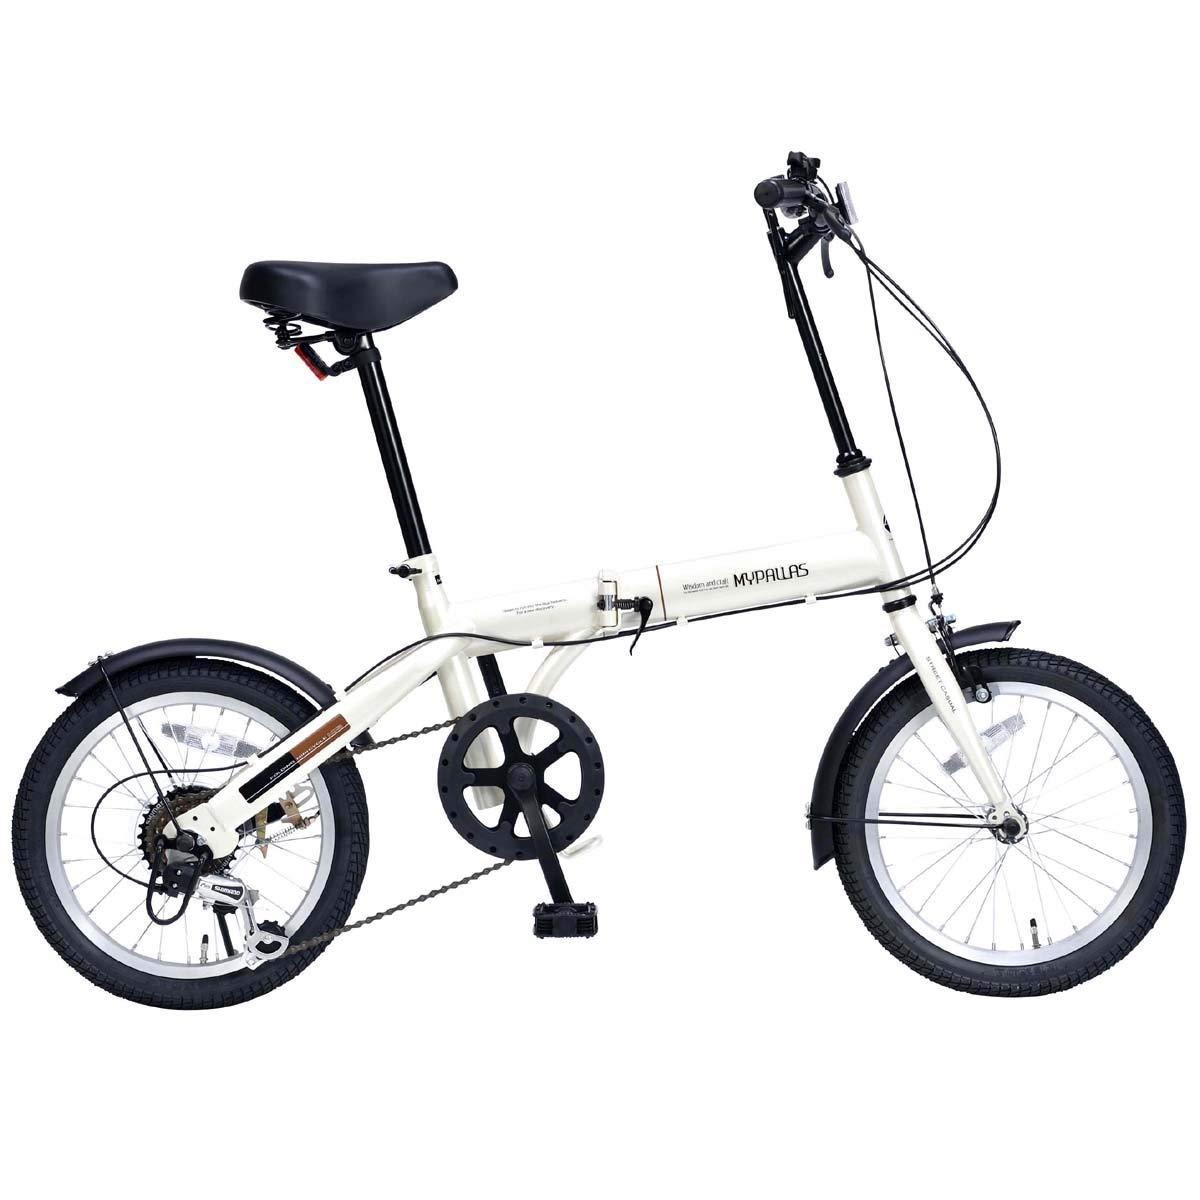 【送料無料】マイパラス 折りたたみ自転車20インチ・6段ギア付きM-208-IV(アイボリー)折畳自転車 シマノ製変速 カジュアル